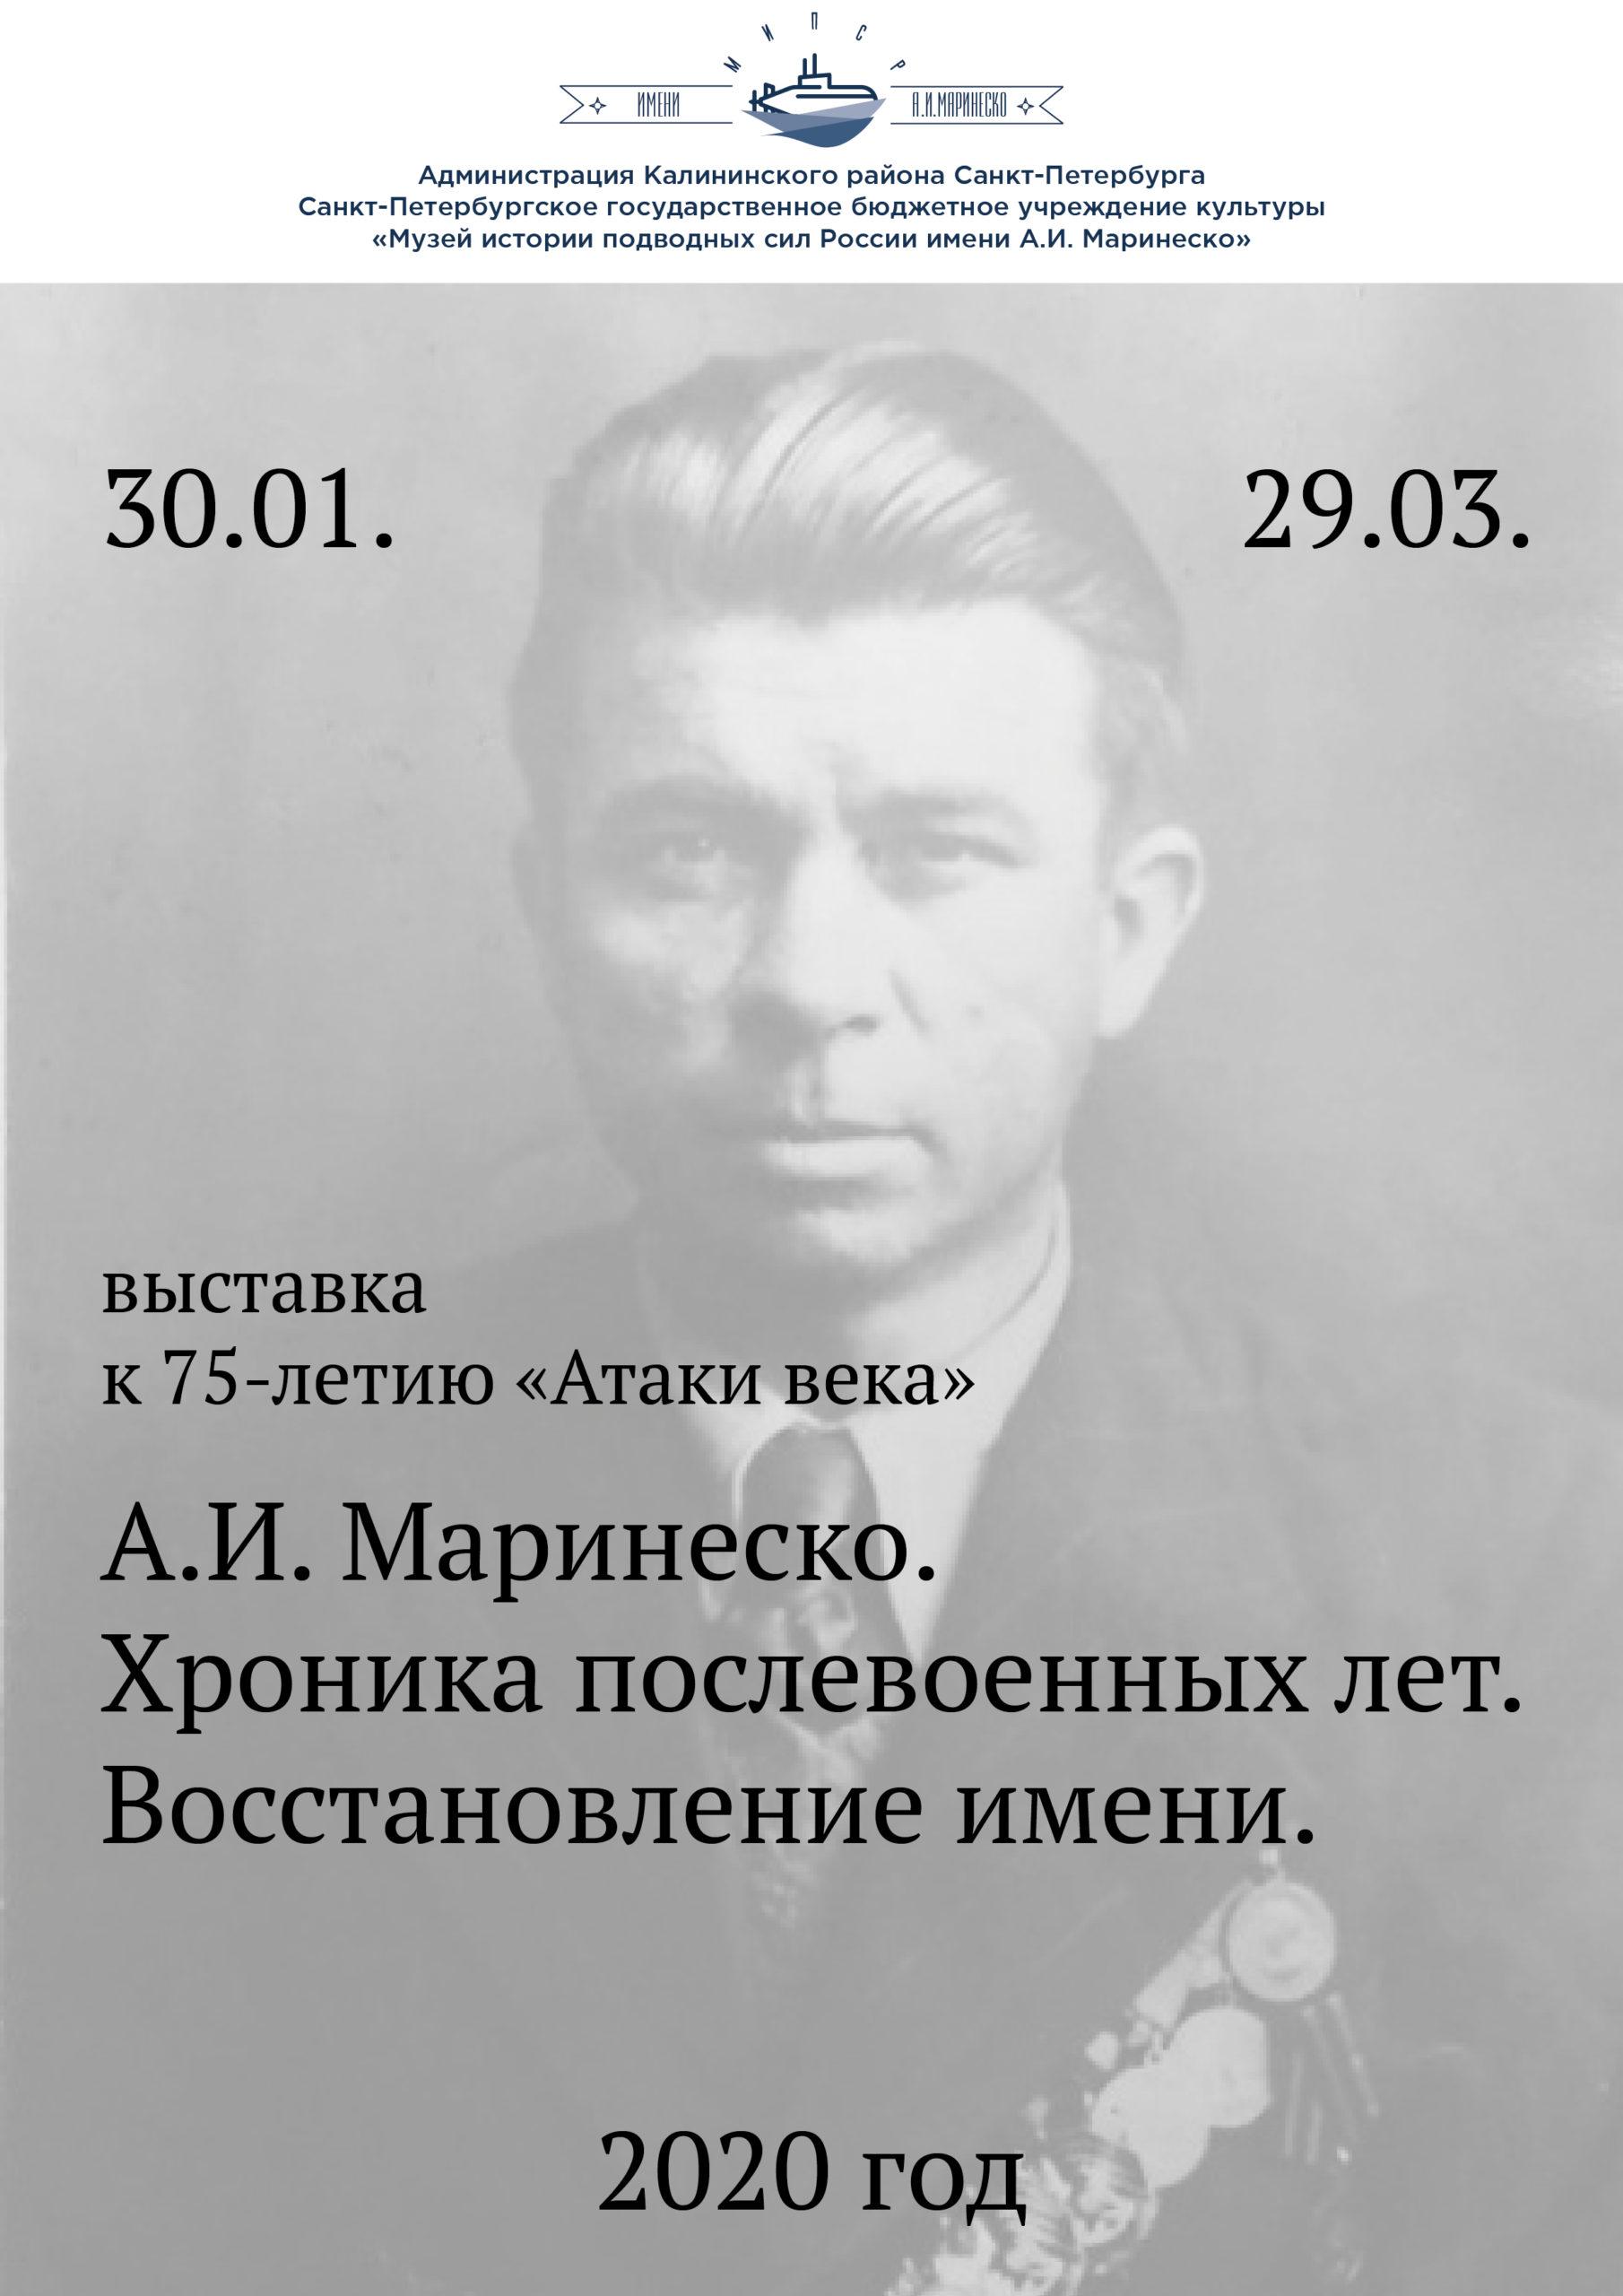 А.И. Маринеско. Хроника послевоенных лет. Восстановление имени.